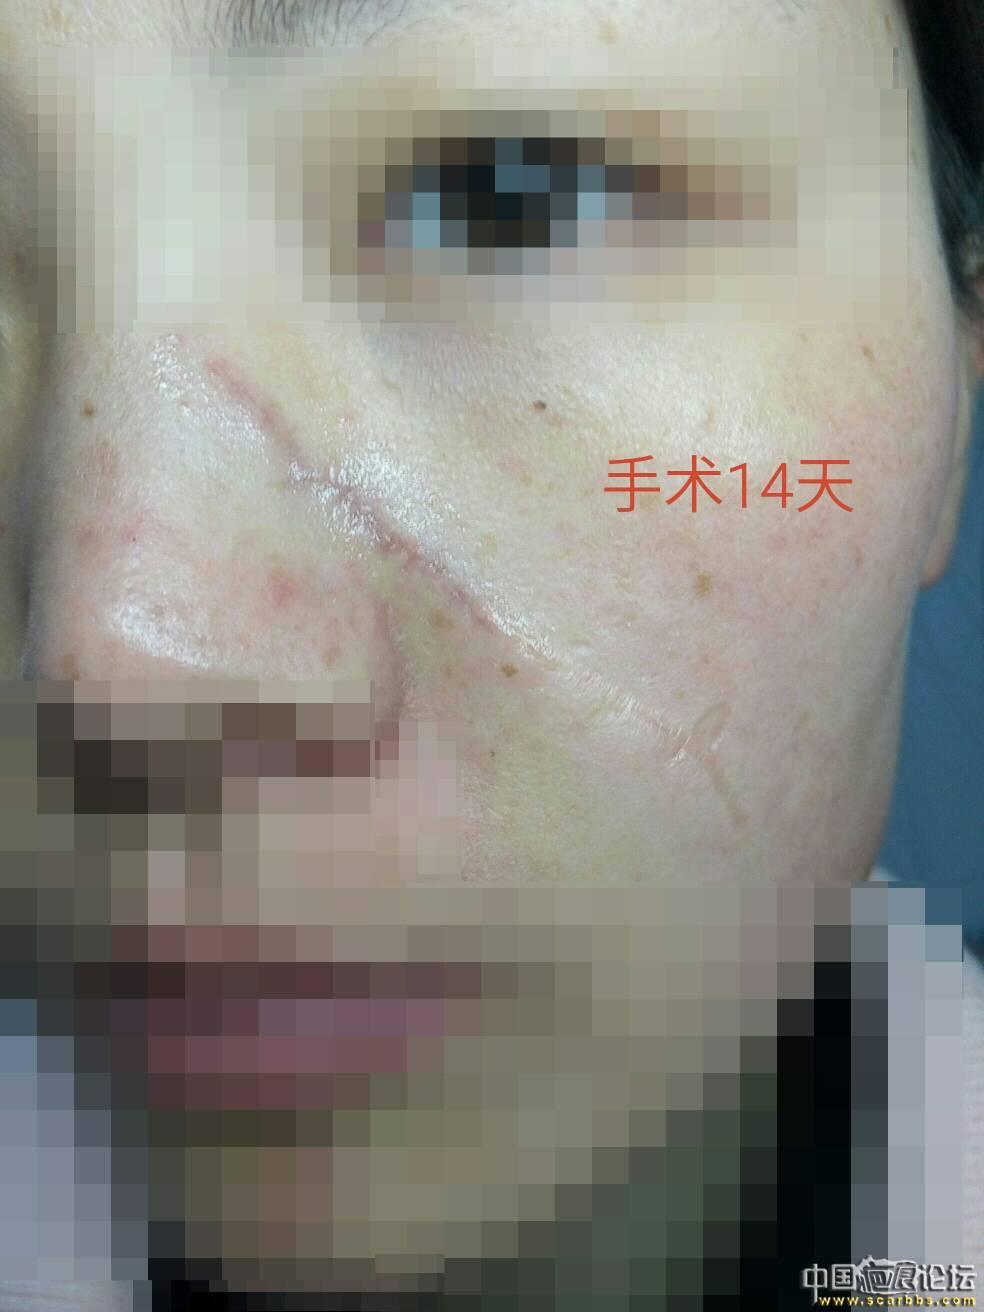 2.25九院刘伟手术治疗左面部刀伤疤痕 恢复记录